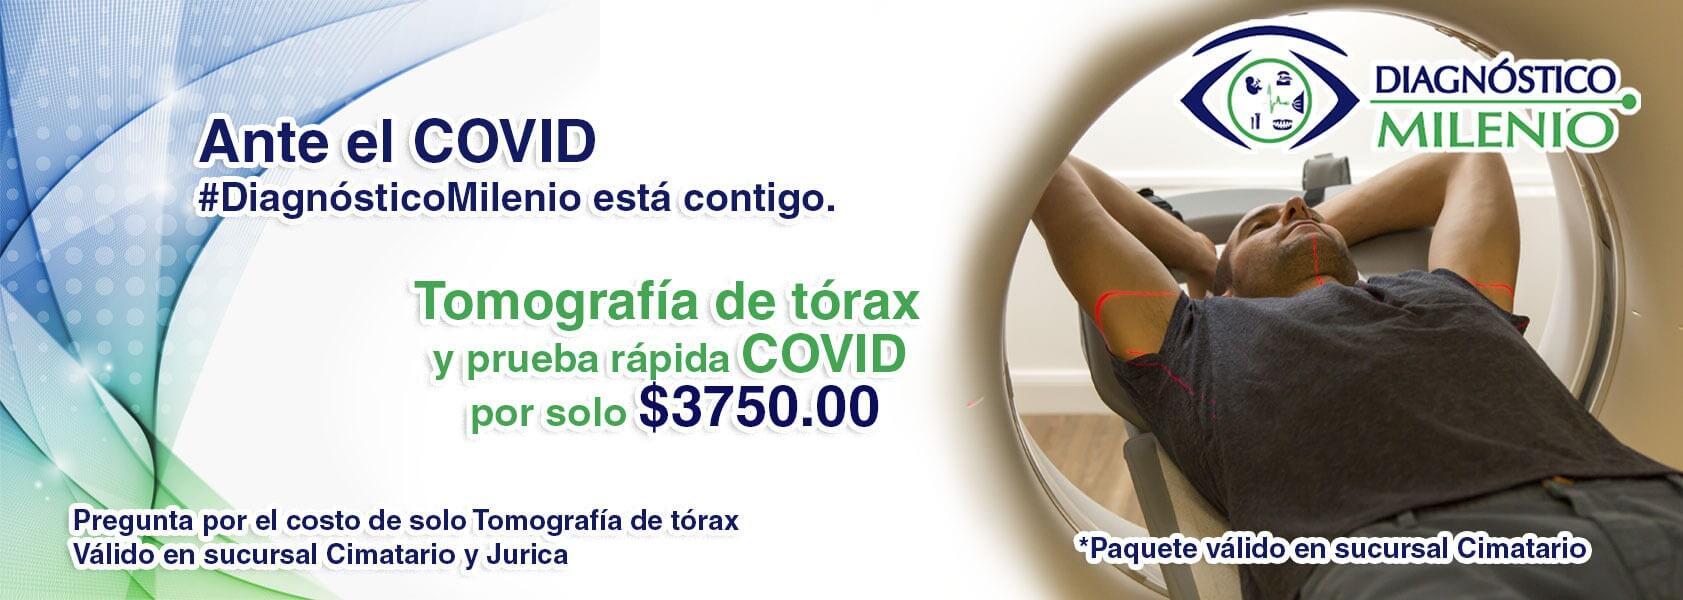 DIAGNÓSTICO MILENIO –tomografía de tórax